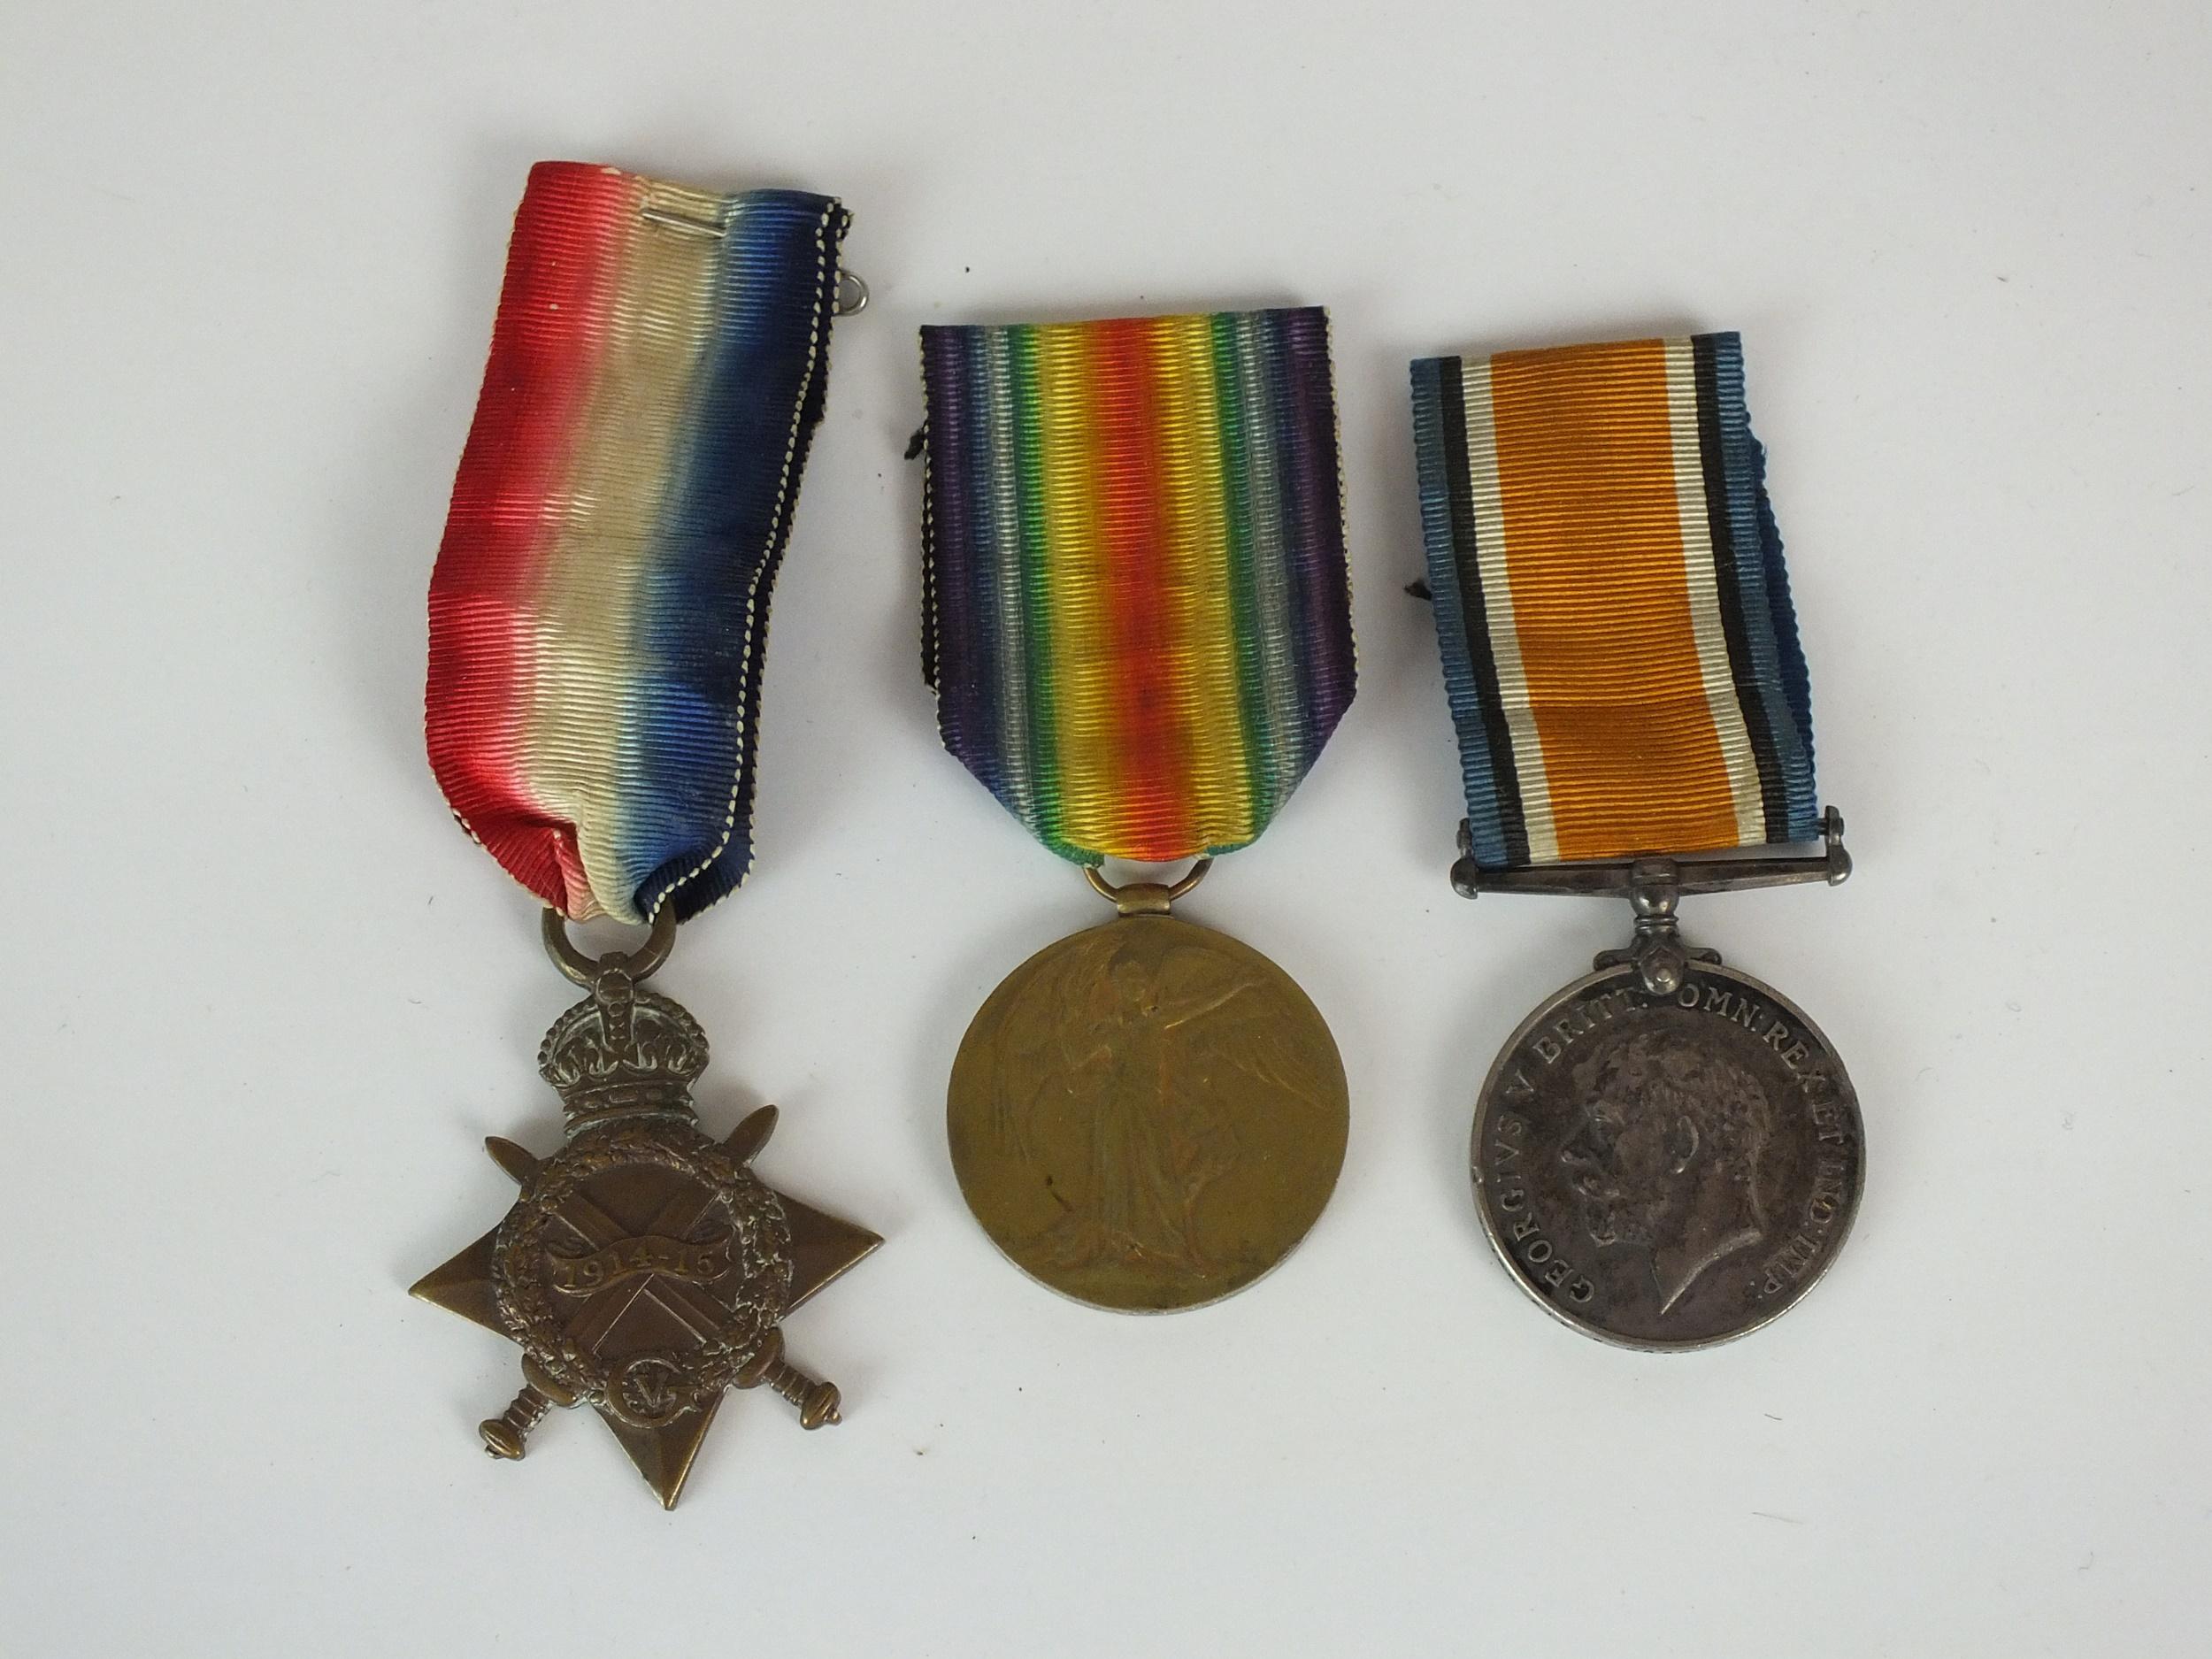 Three WW1 medals